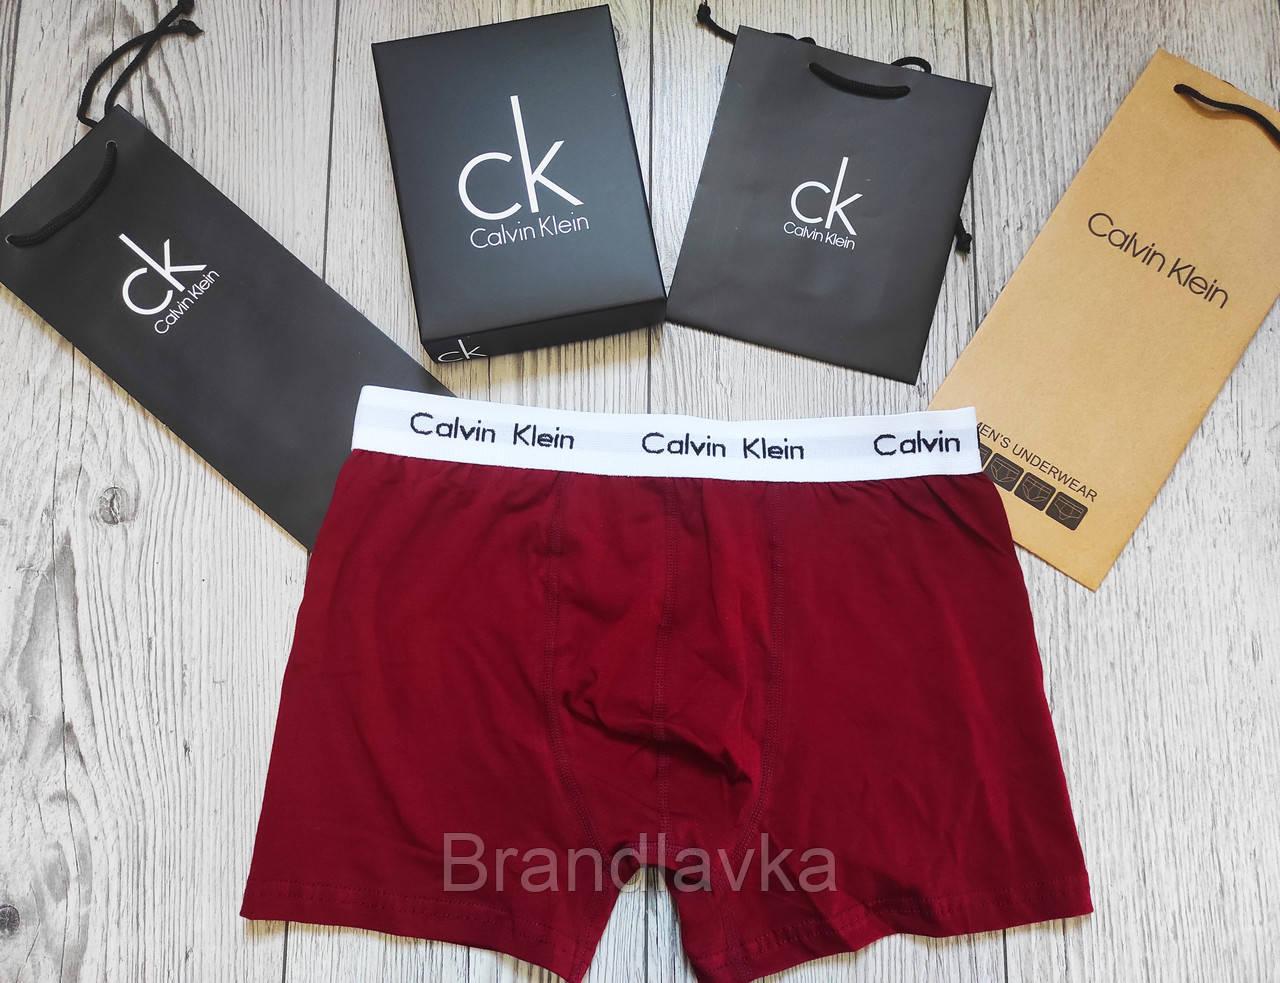 Набор мужских трусов боксеров Calvin Klein 5 шт без коробки Боксеры трусы шорты транки кельвин кляйн - фото 8